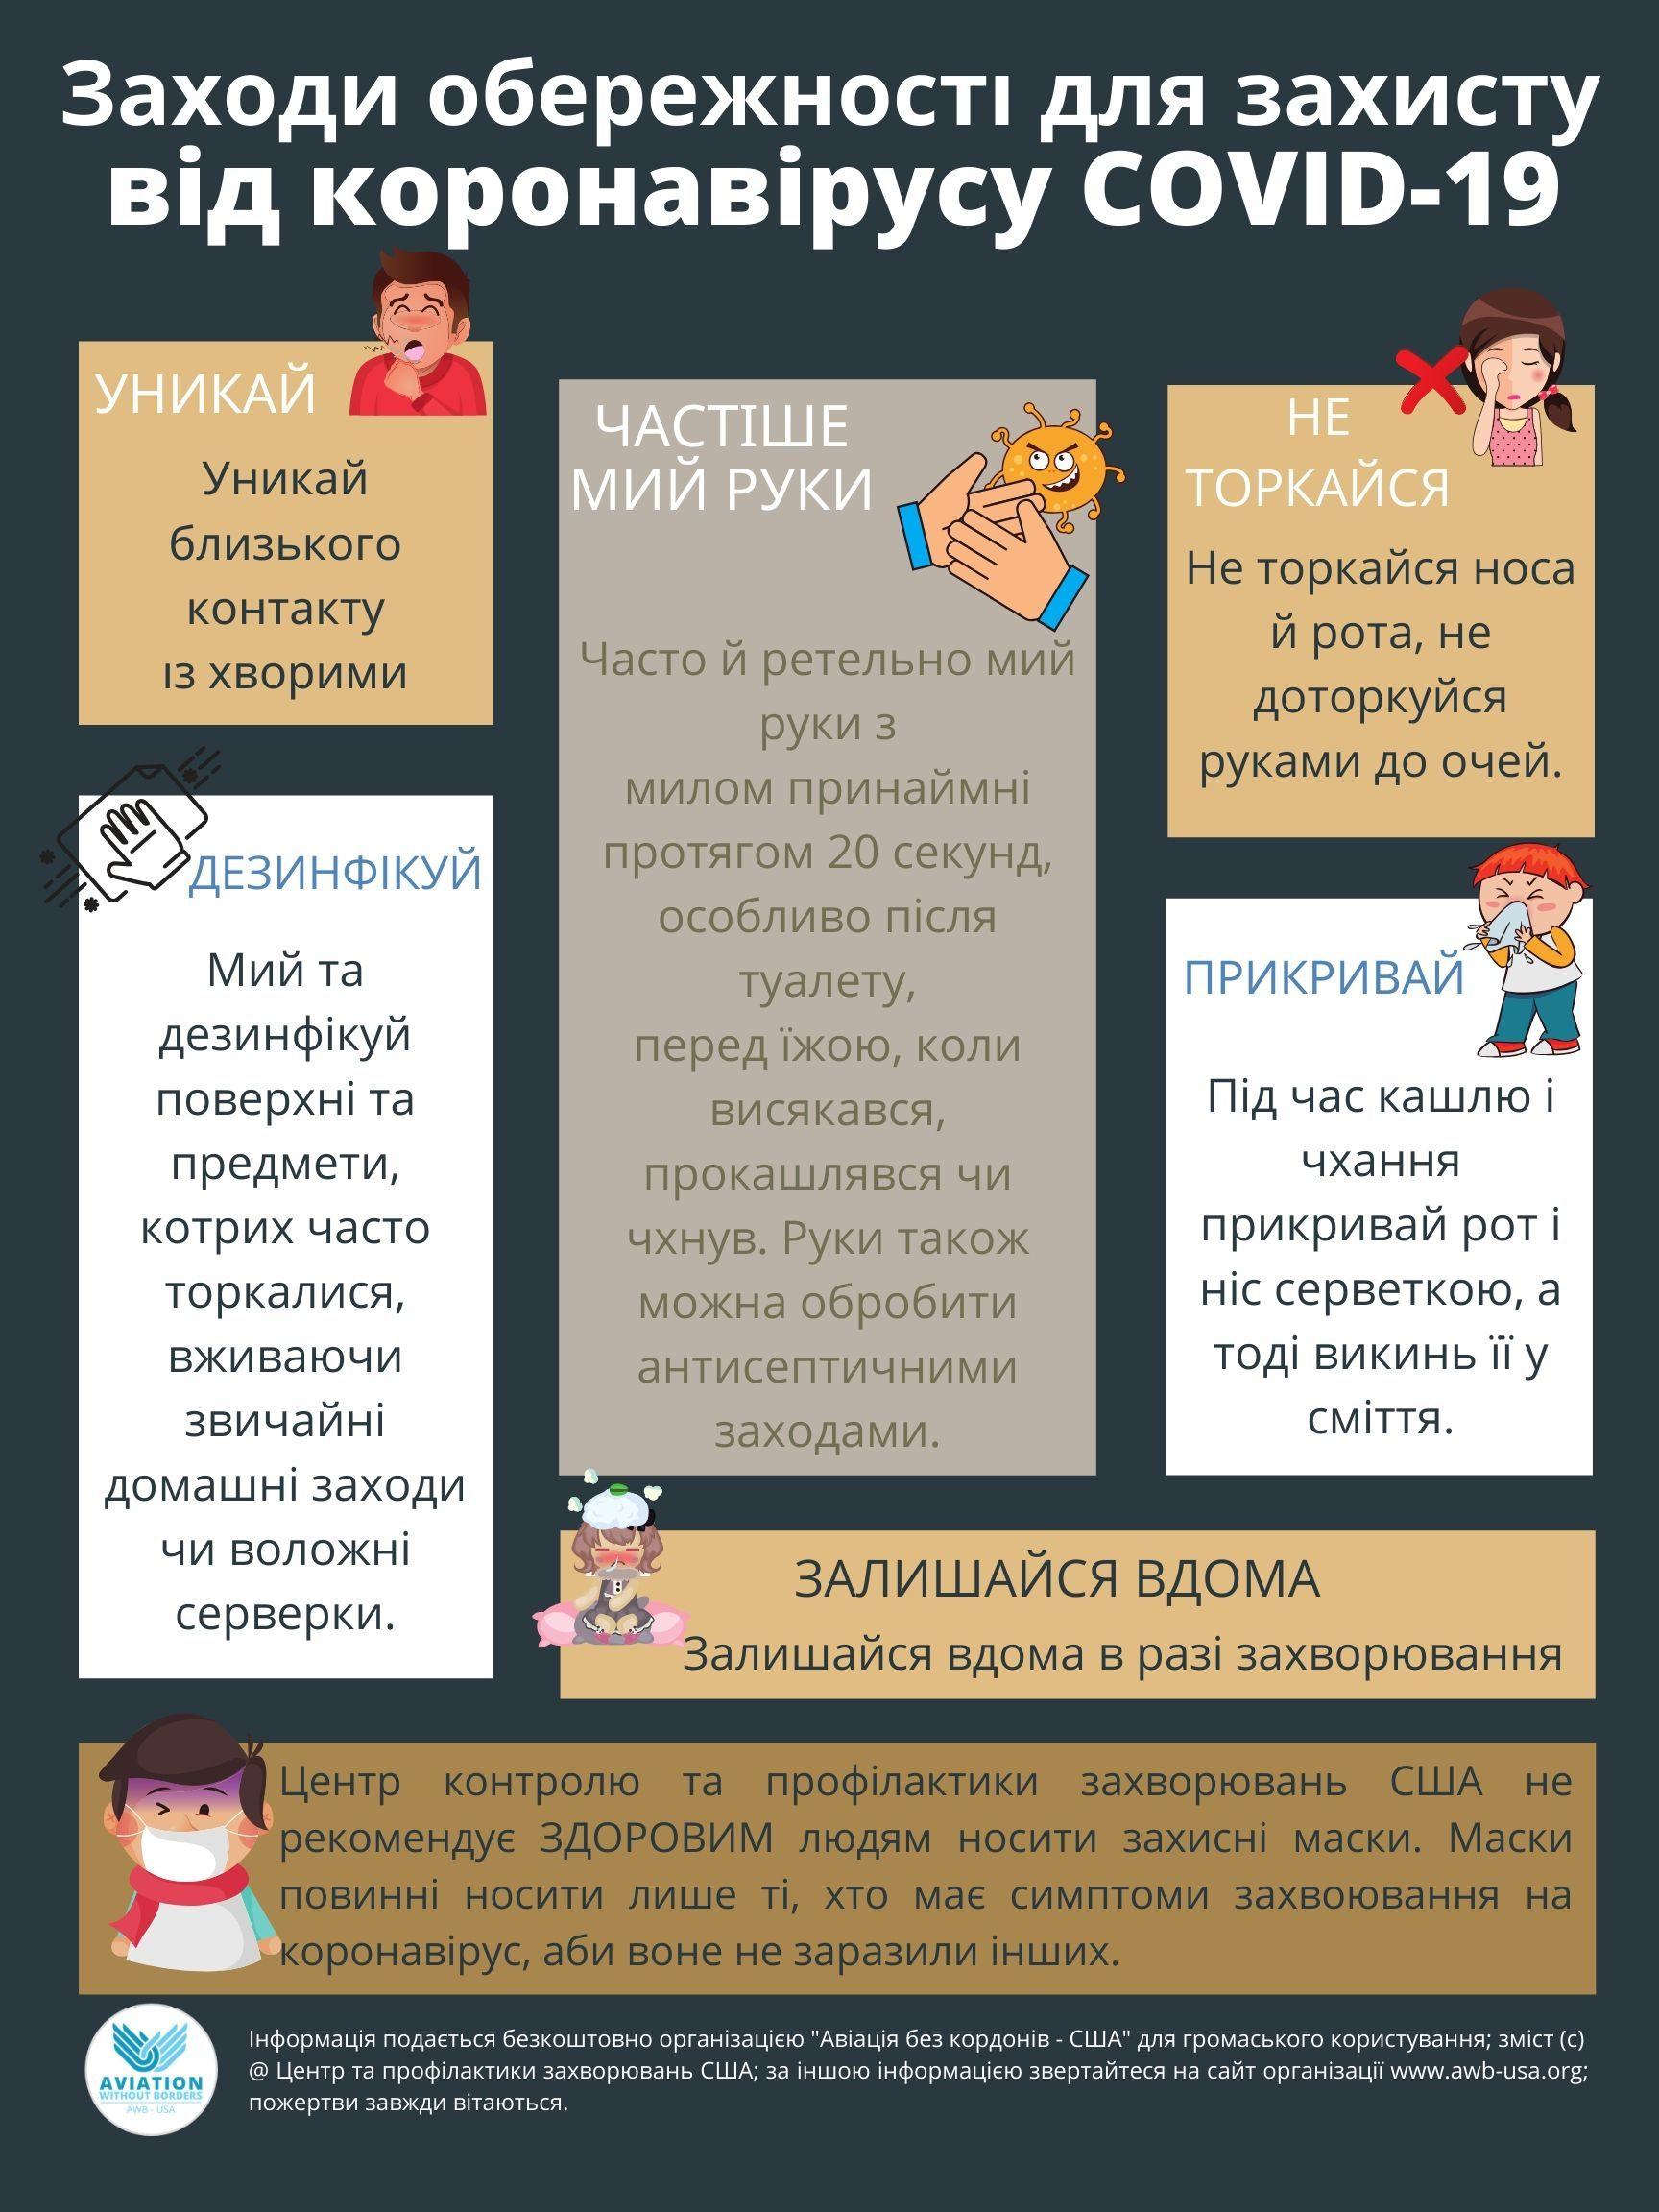 Ukranian 2